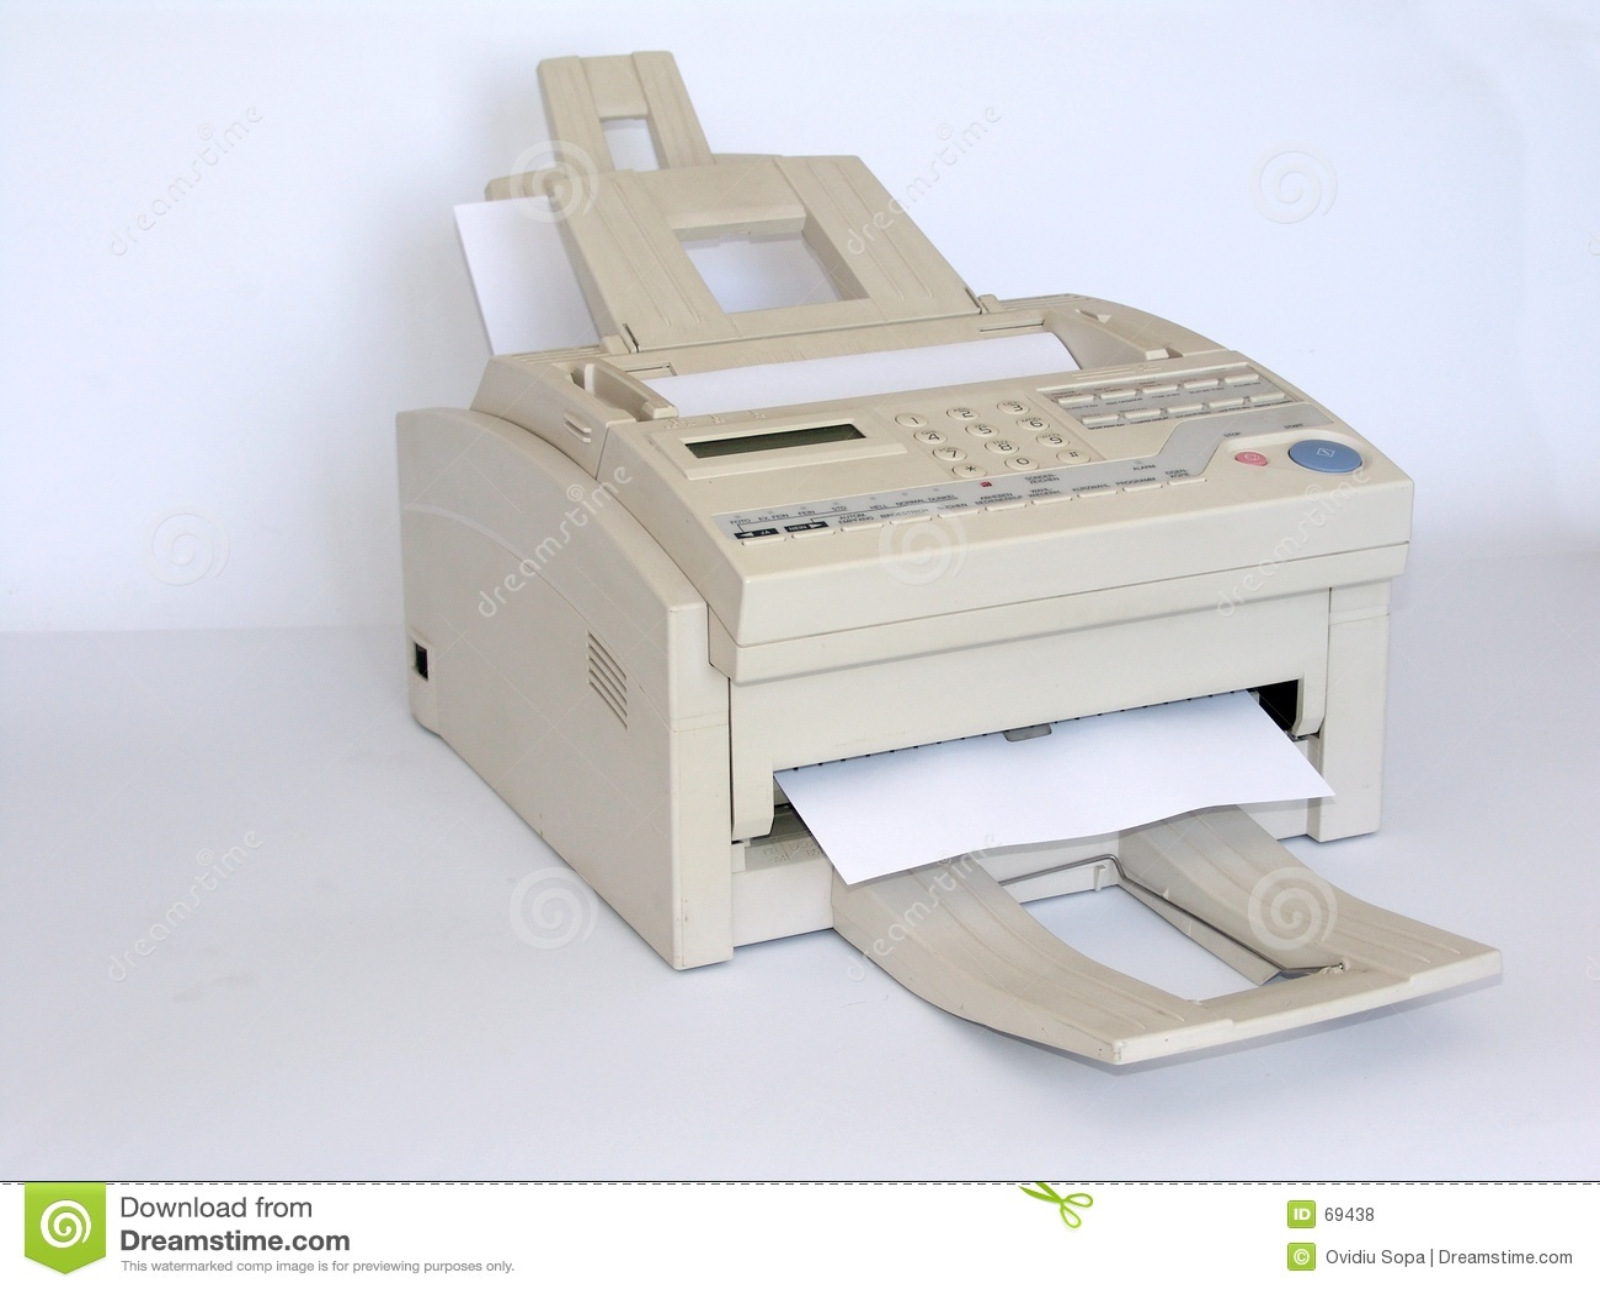 Faxmaskin